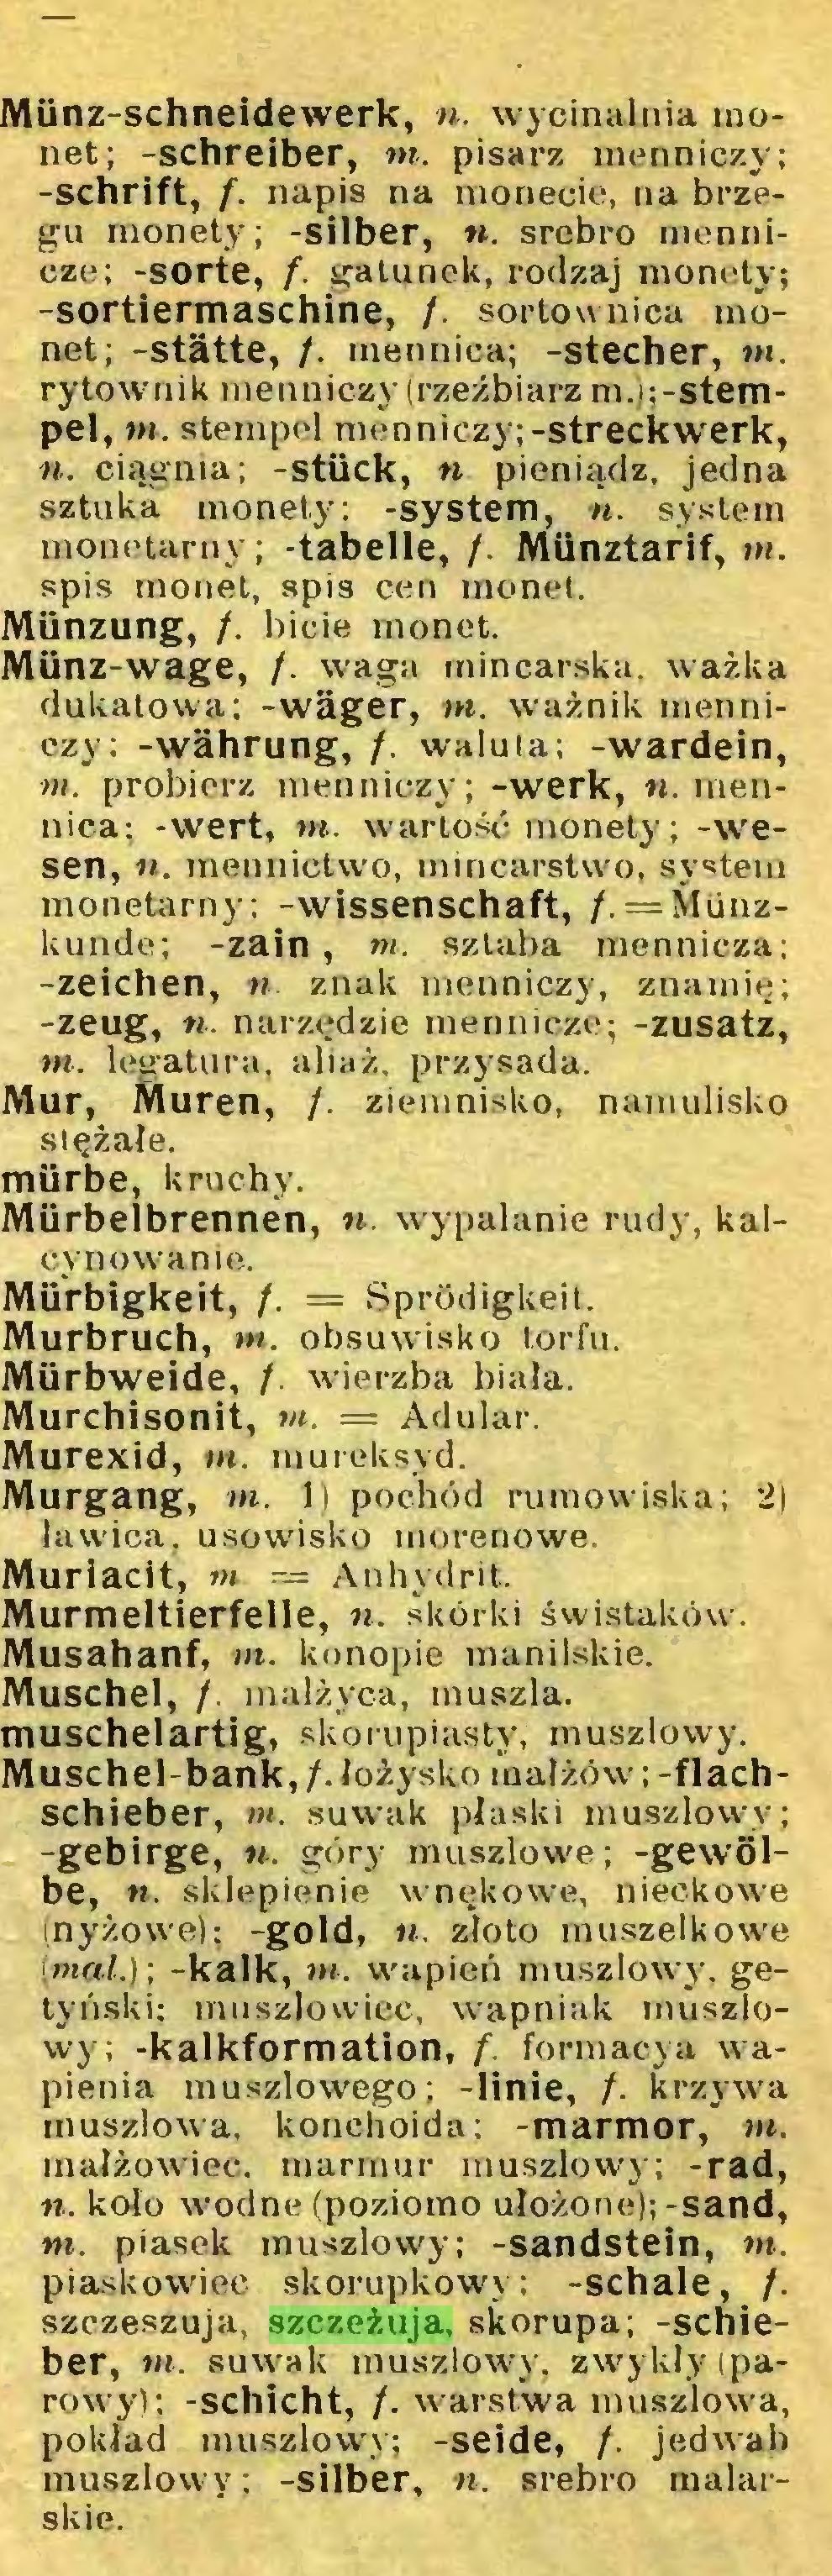 (...) szczeszuja, szczeżuja, skorupa; -Schieber, in. suwak muszlowy, zwykły (parowy); -schicht, /. warstwa muszlowa, pokład muszlowy; -seide, /. jedwab muszlowy; -silber, n. srebro malarskie. 416...